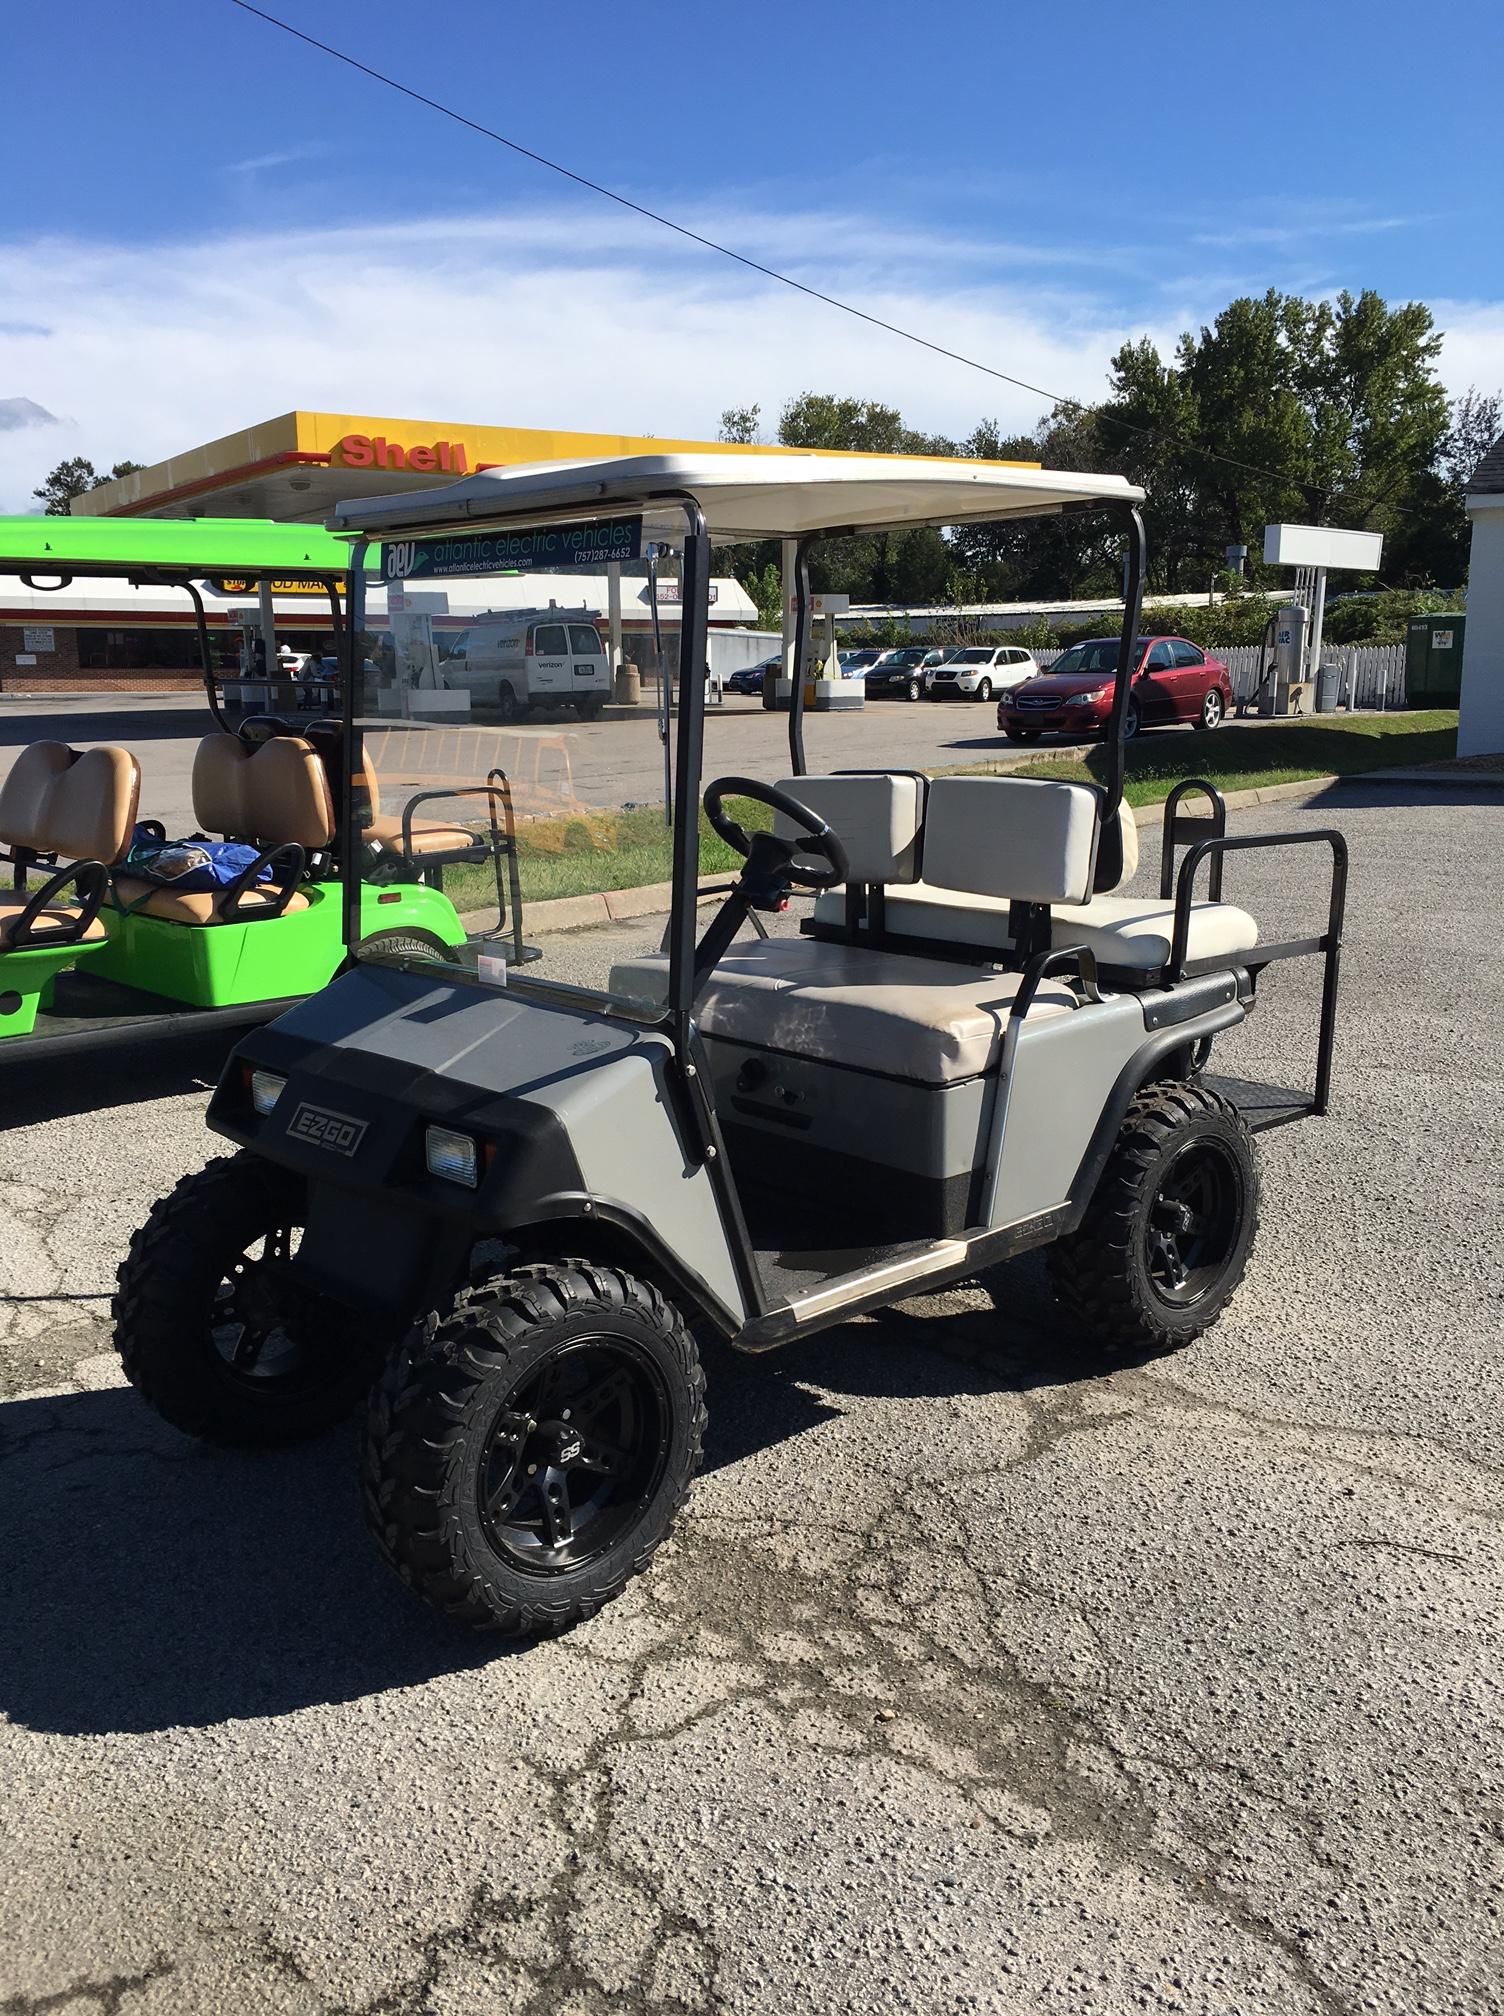 Street Legal Golf Cart Beach Html on street-legal golf carts electric, street-legal golf carts florida, motorized utility cart beach, street-legal golf carts 4-passenger, street-legal golf carts destin,